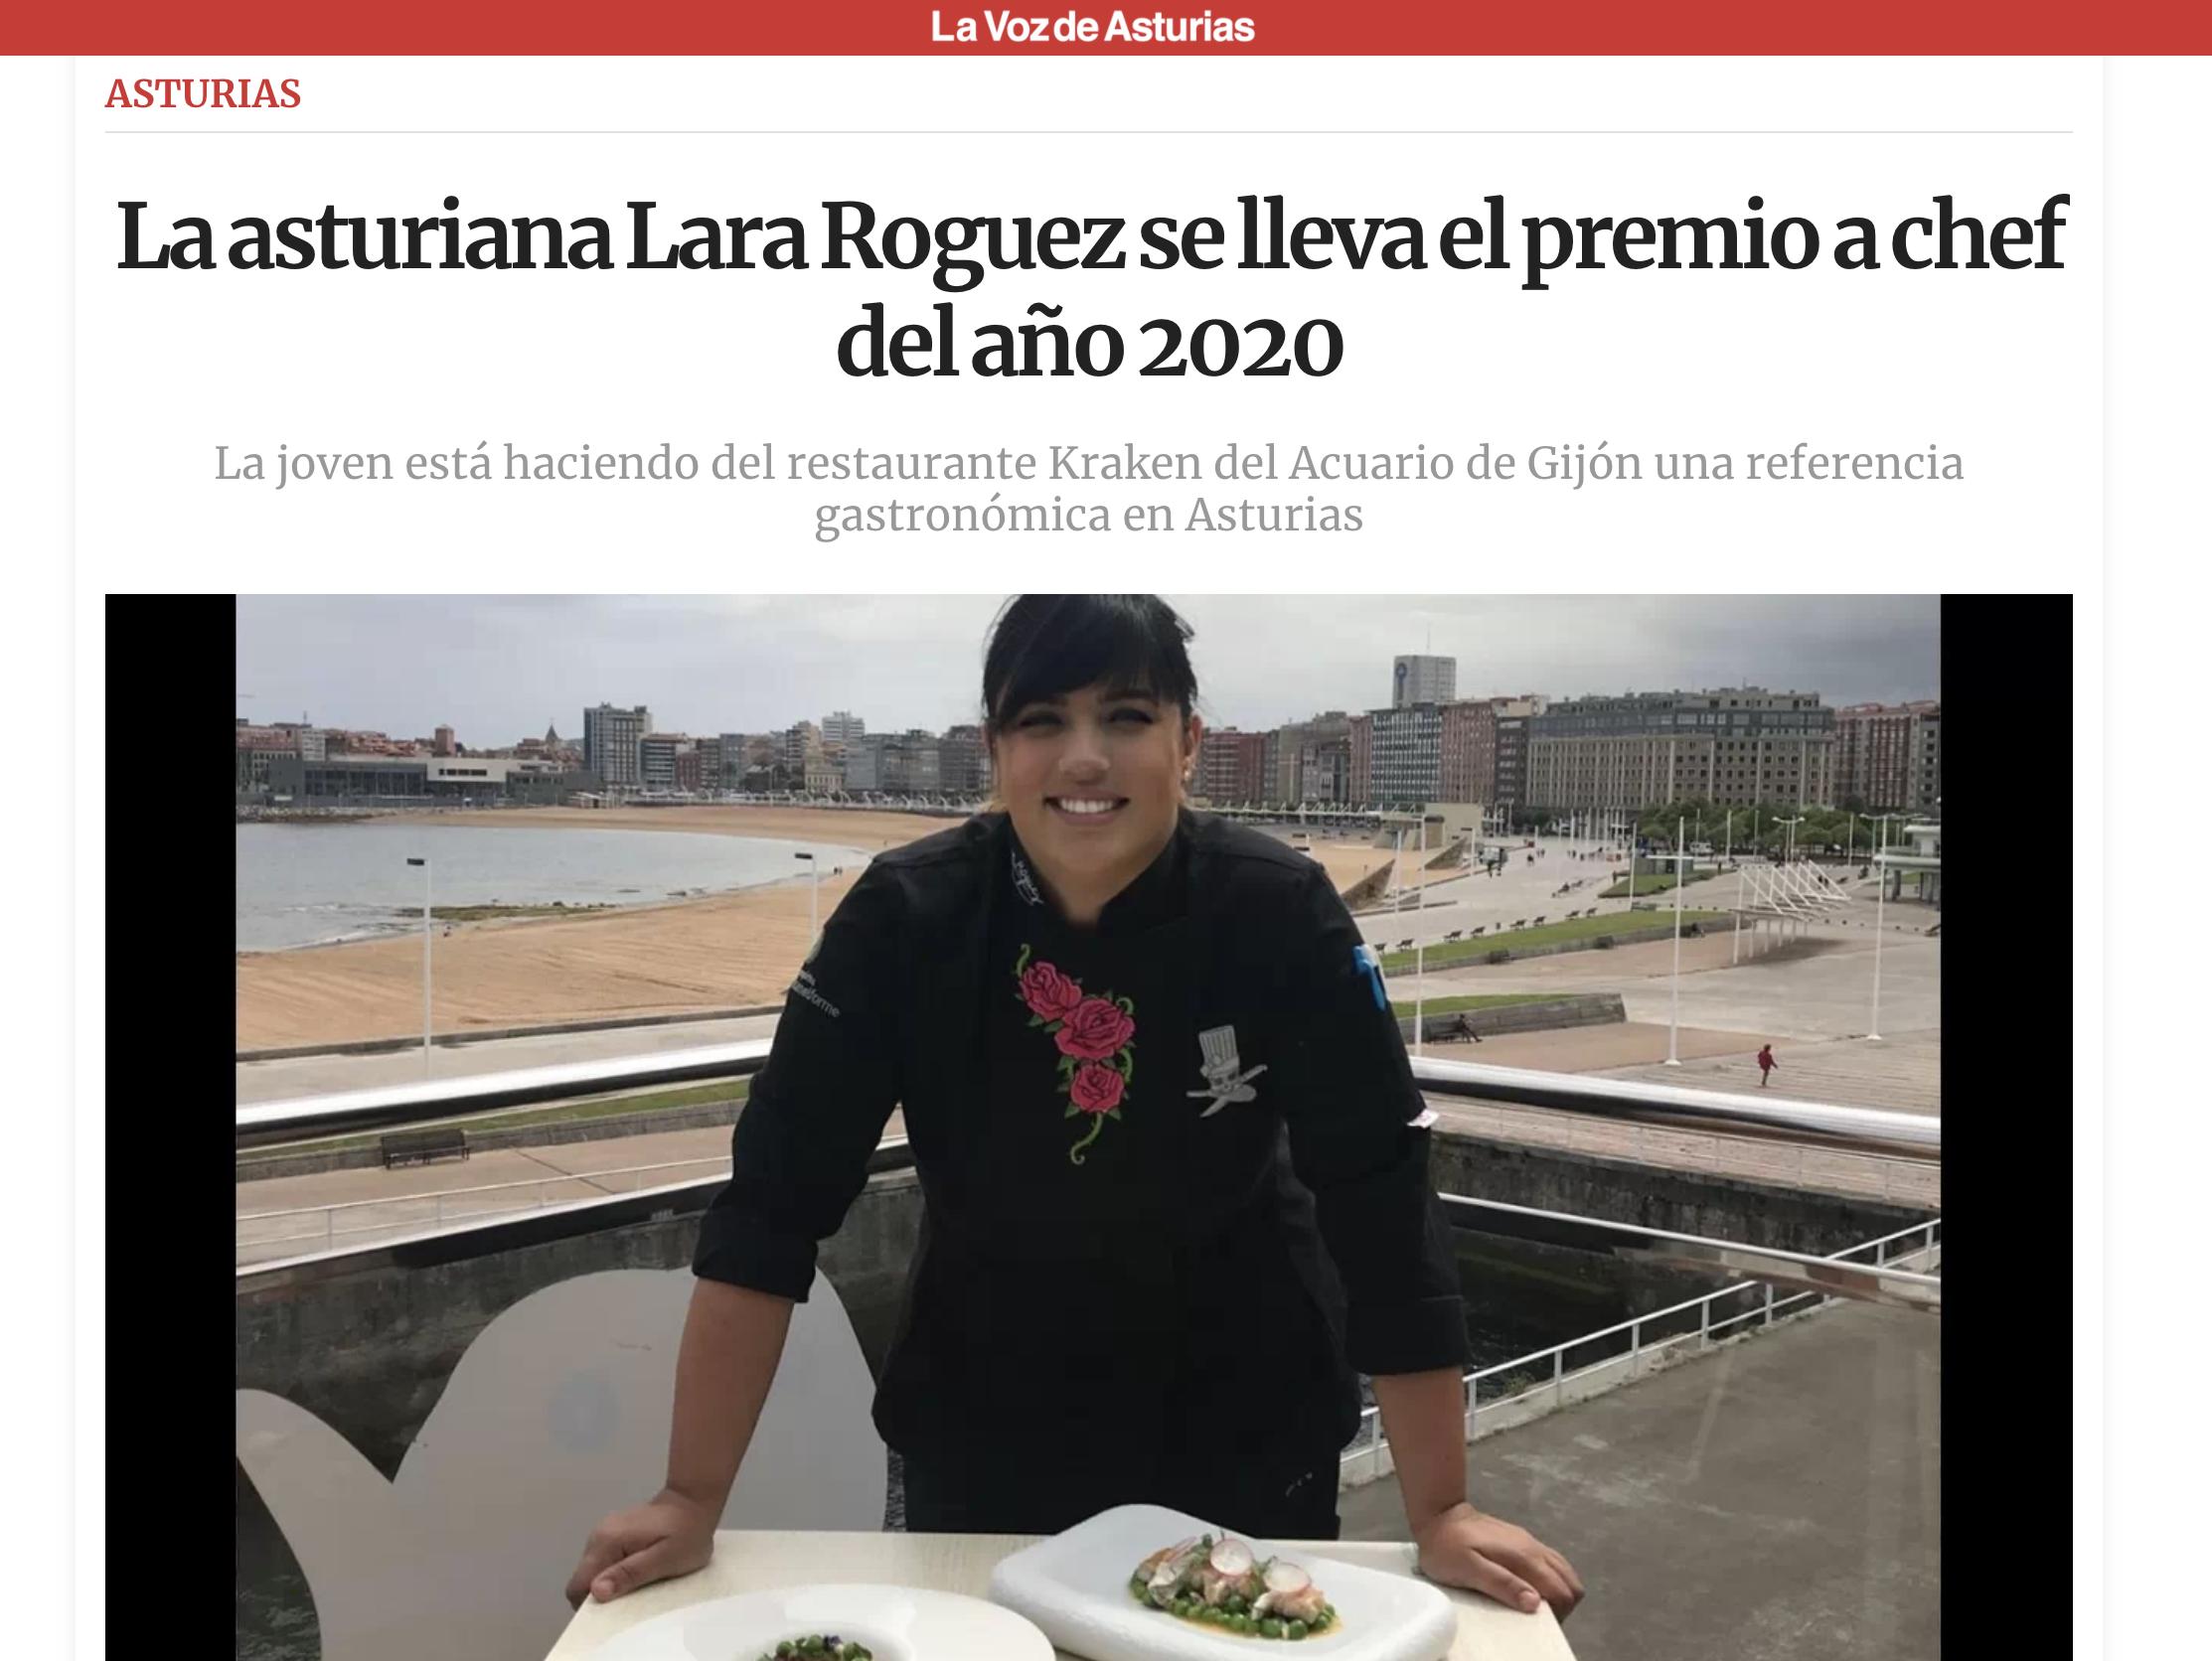 chef del año 2020